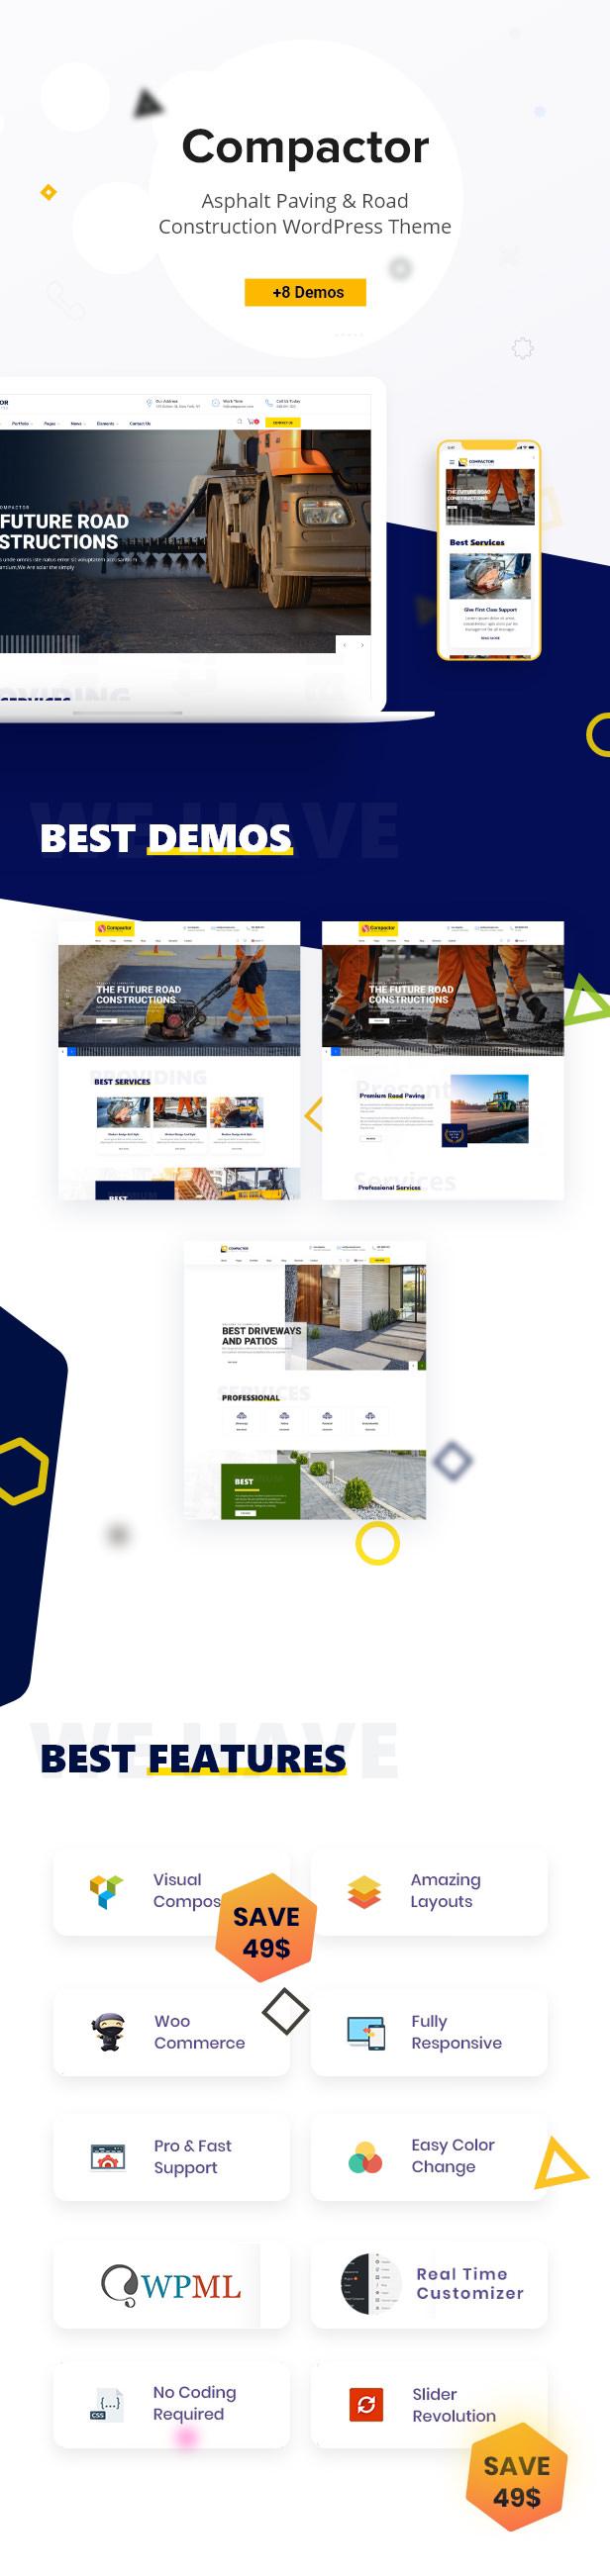 Compactor - Pavimentación de asfalto y construcción de carreteras Tema de WordPress